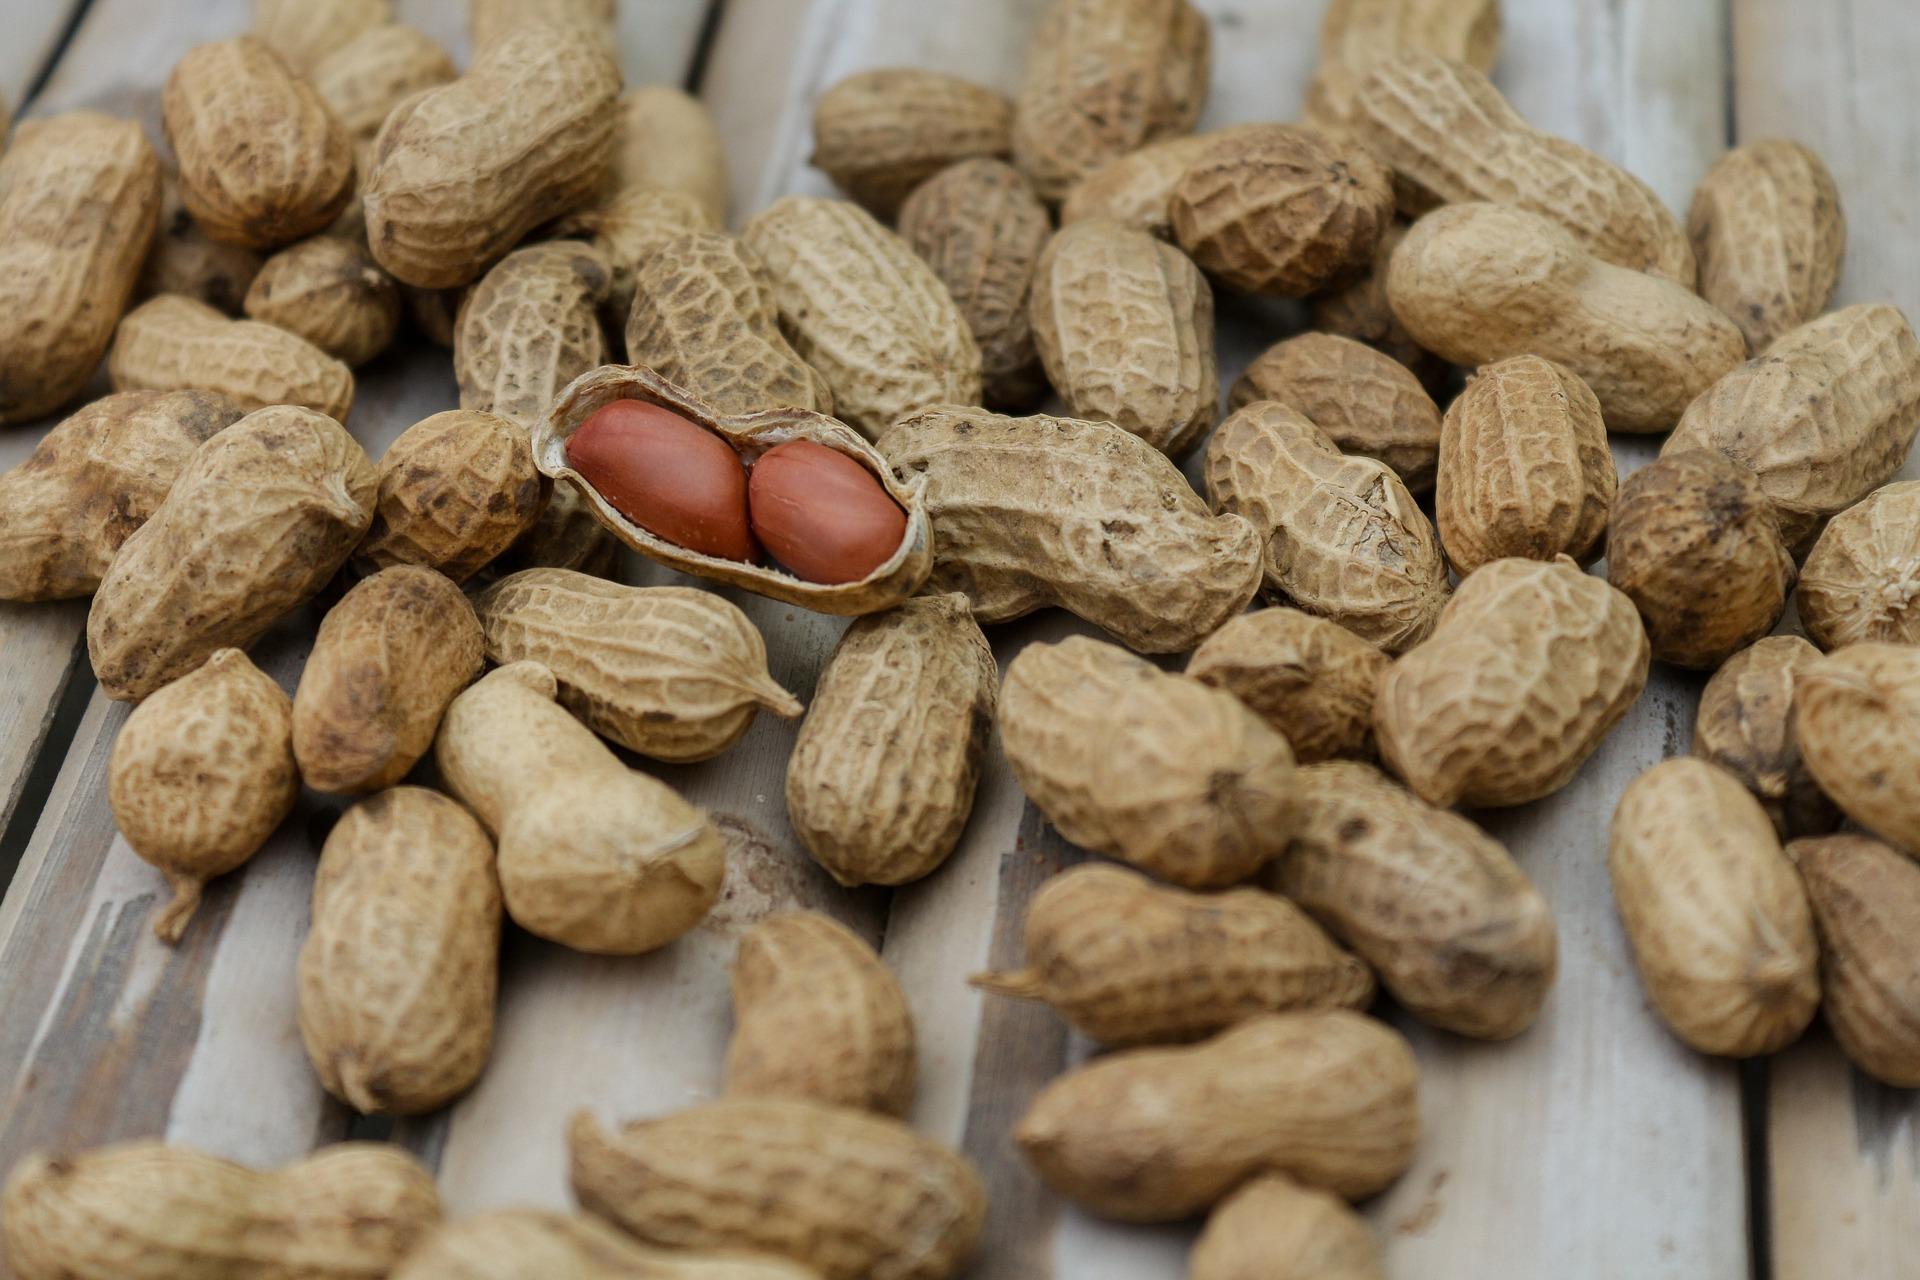 peanuts-1850809_1920